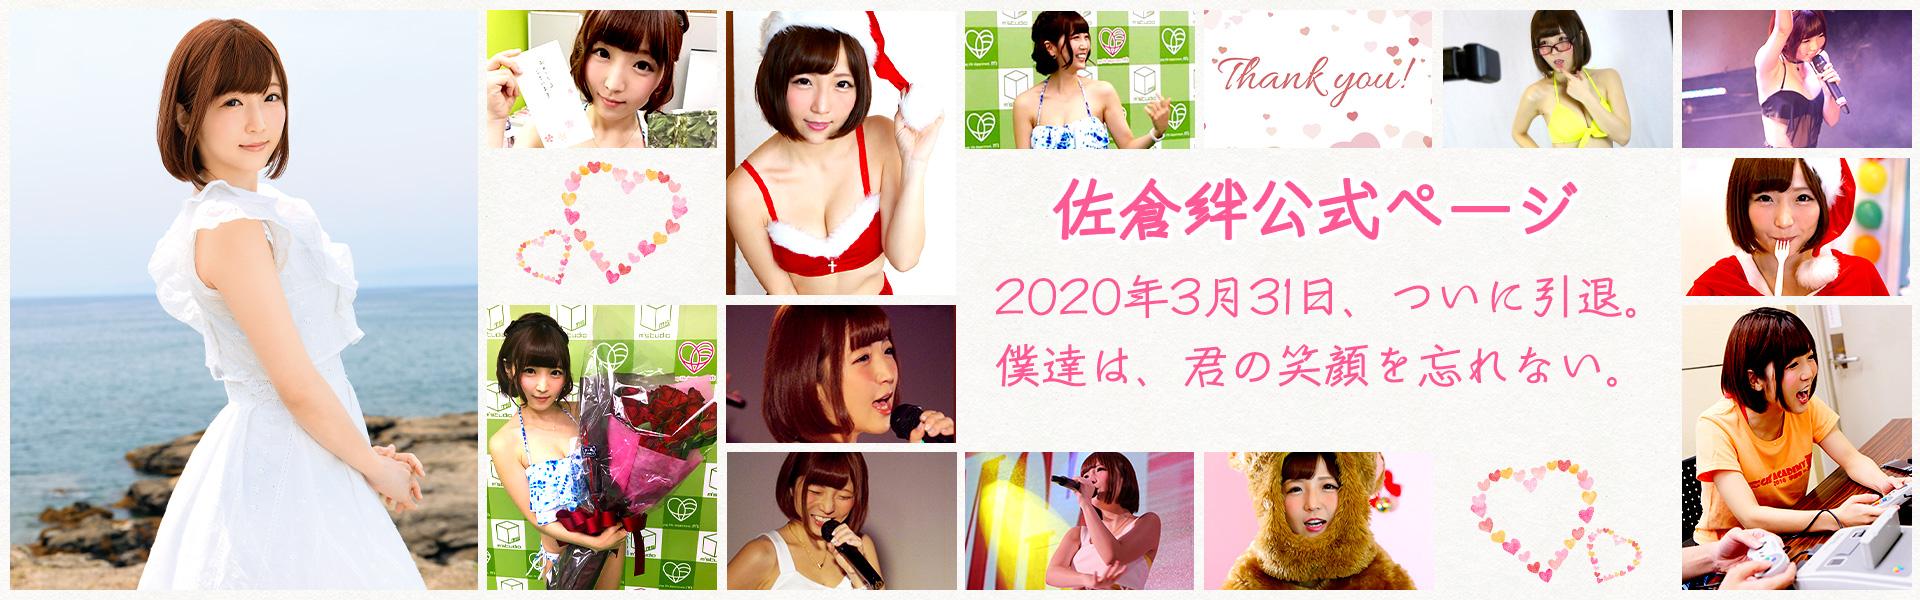 actress_1577342166